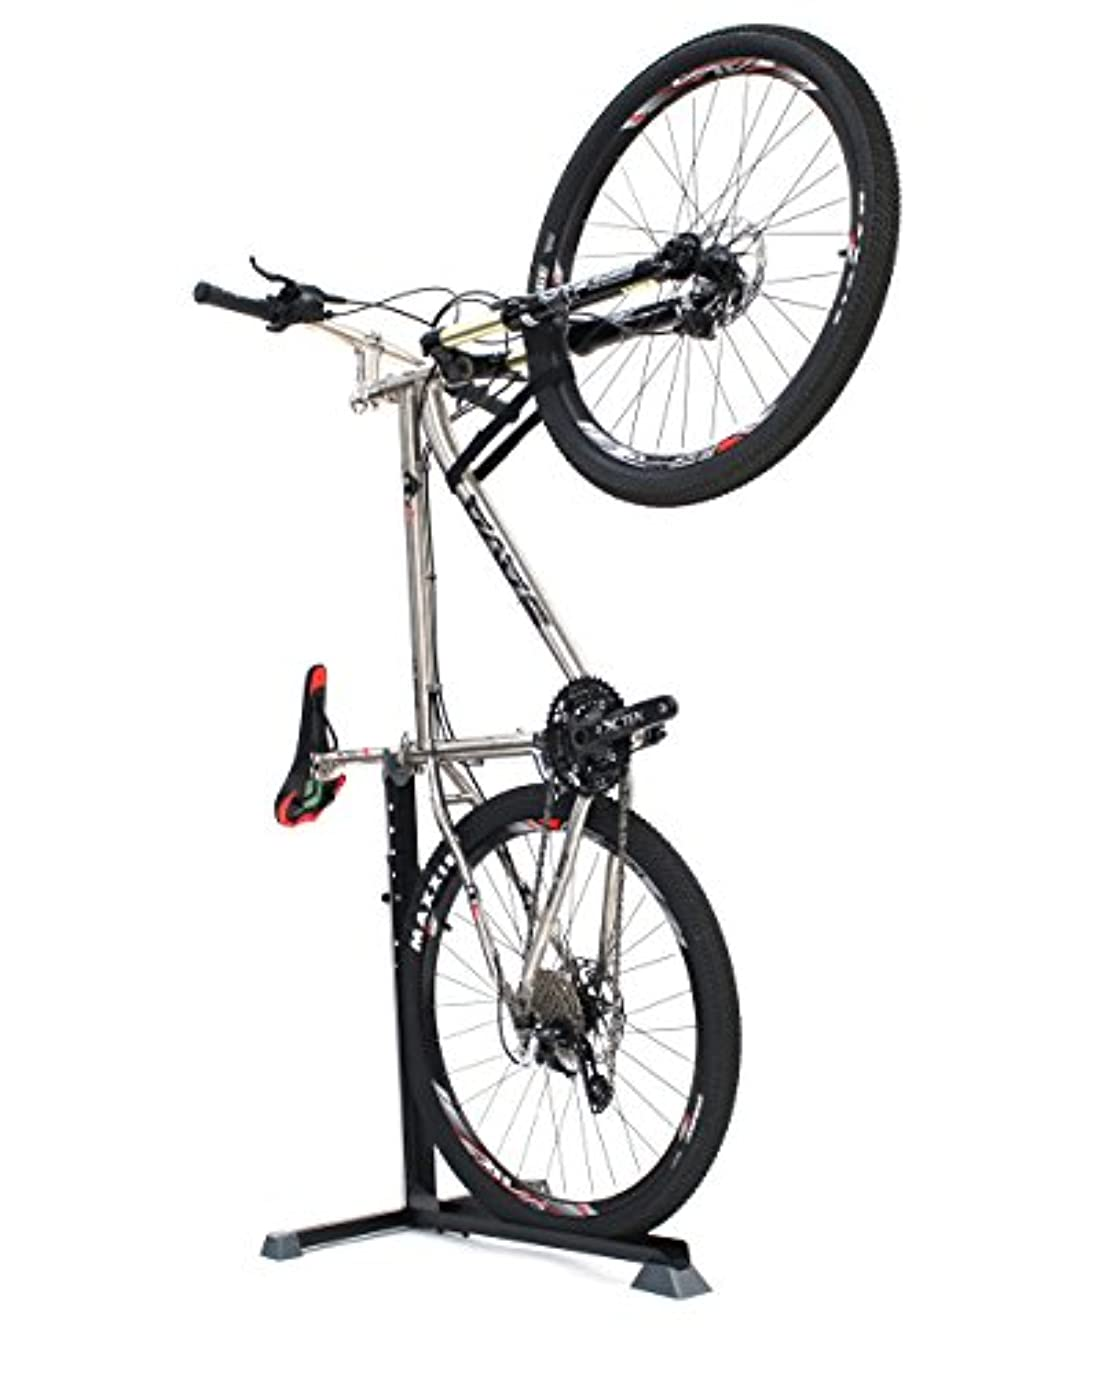 ヤギ狂うグッゲンハイム美術館Vélo Line(ベロライン) クイック縦置きバイクスタンド 高さ5段階調節可能 20インチ~29インチ対応 タイヤ幅~2.125インチ対応 ハンドル固定バンド付属 86939-0099